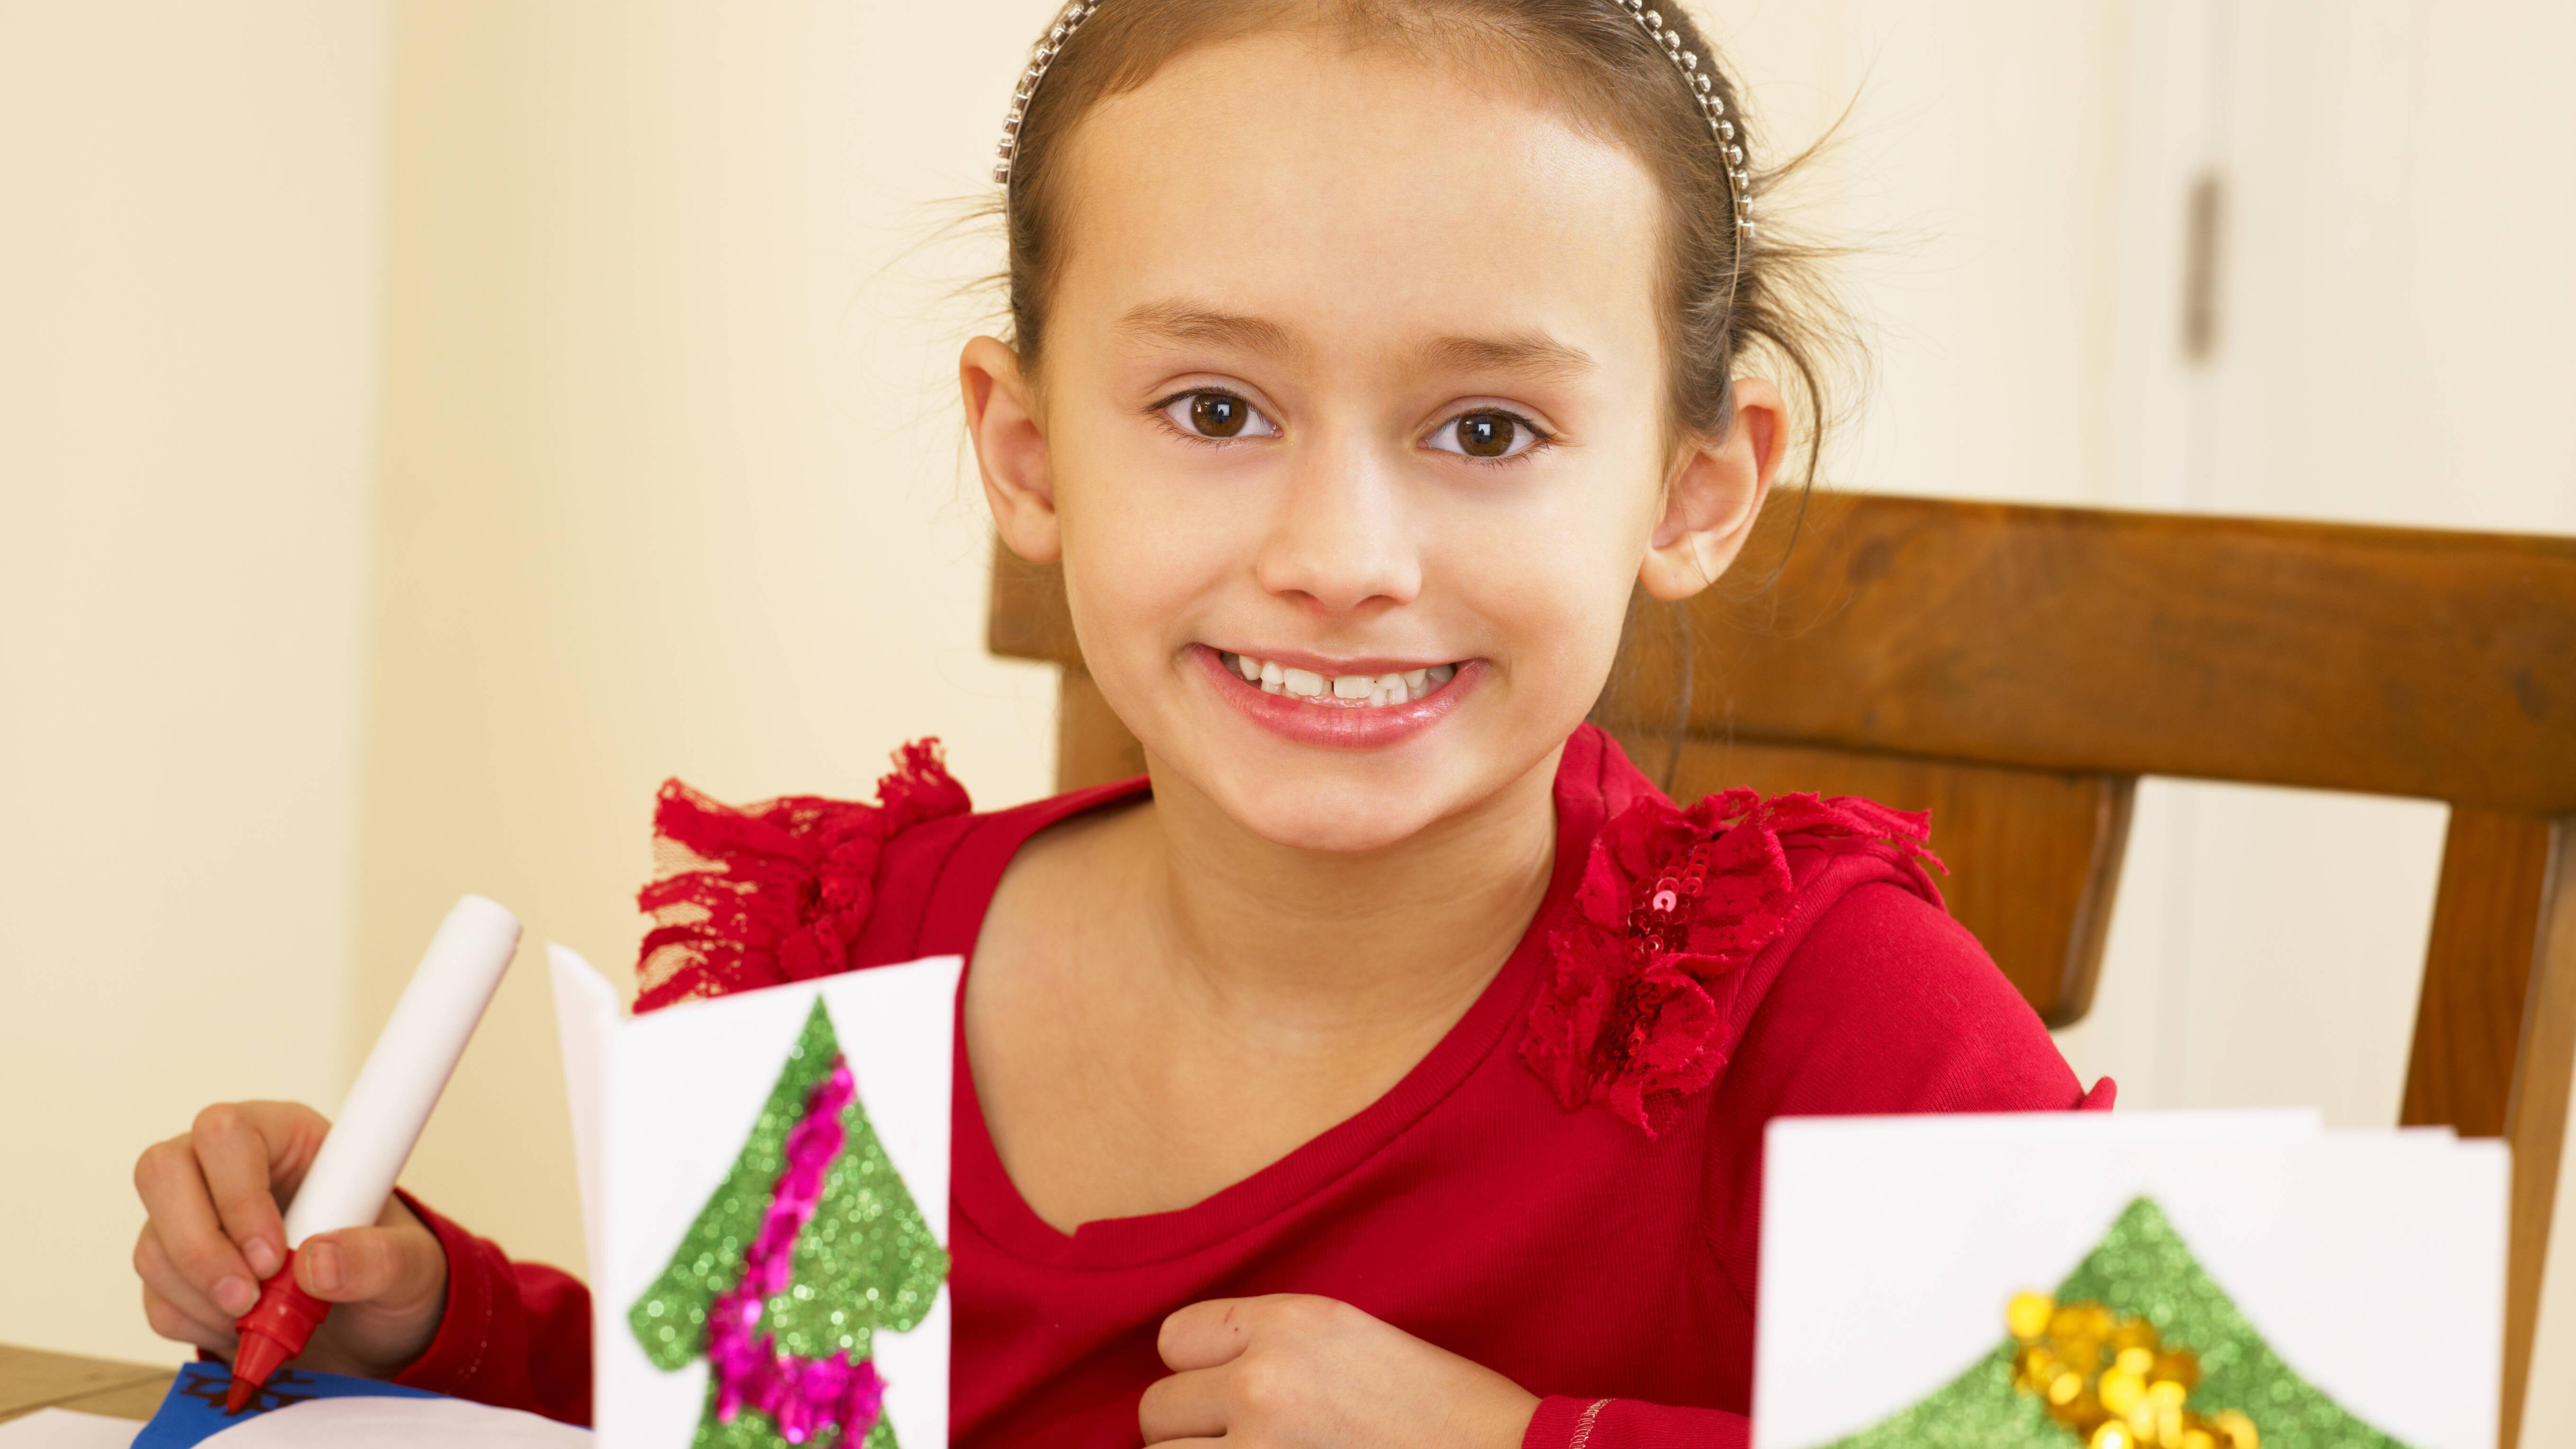 Weihnachtswünsche für die Erzieherin: selbst gemacht und von Herzen